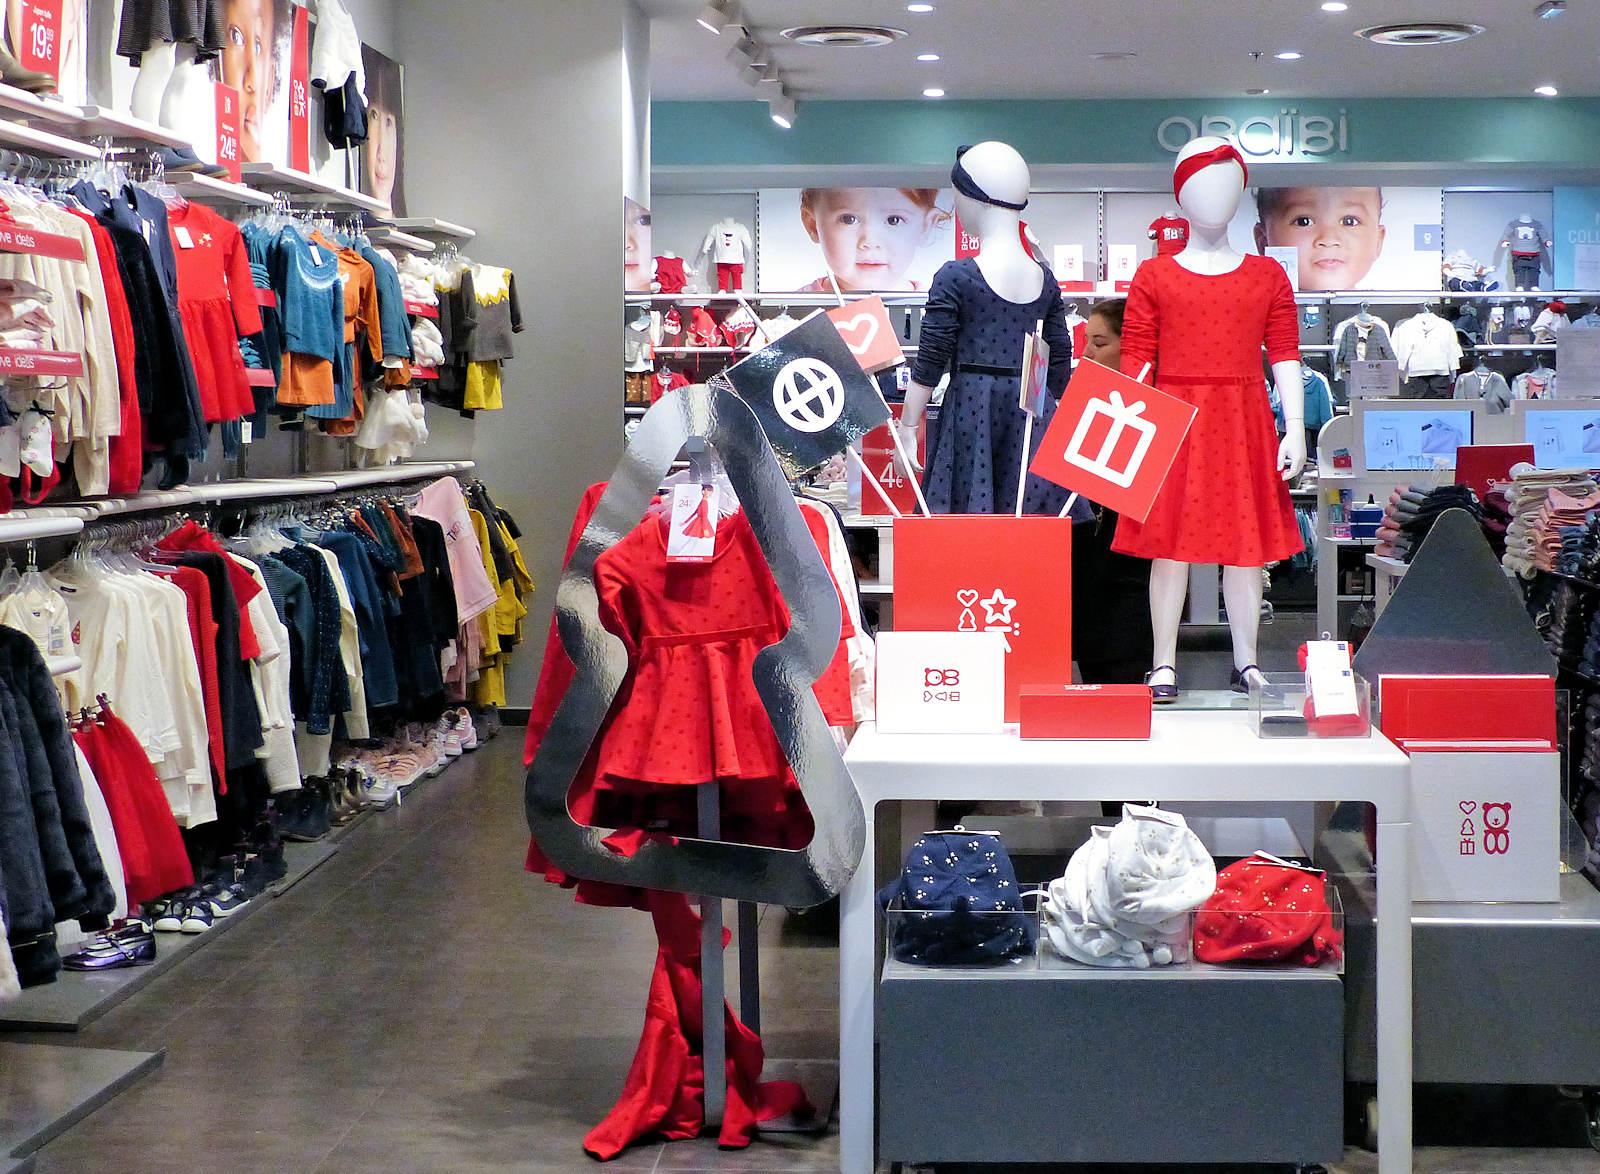 Okaïdi Tourcoing - Intérieur boutique